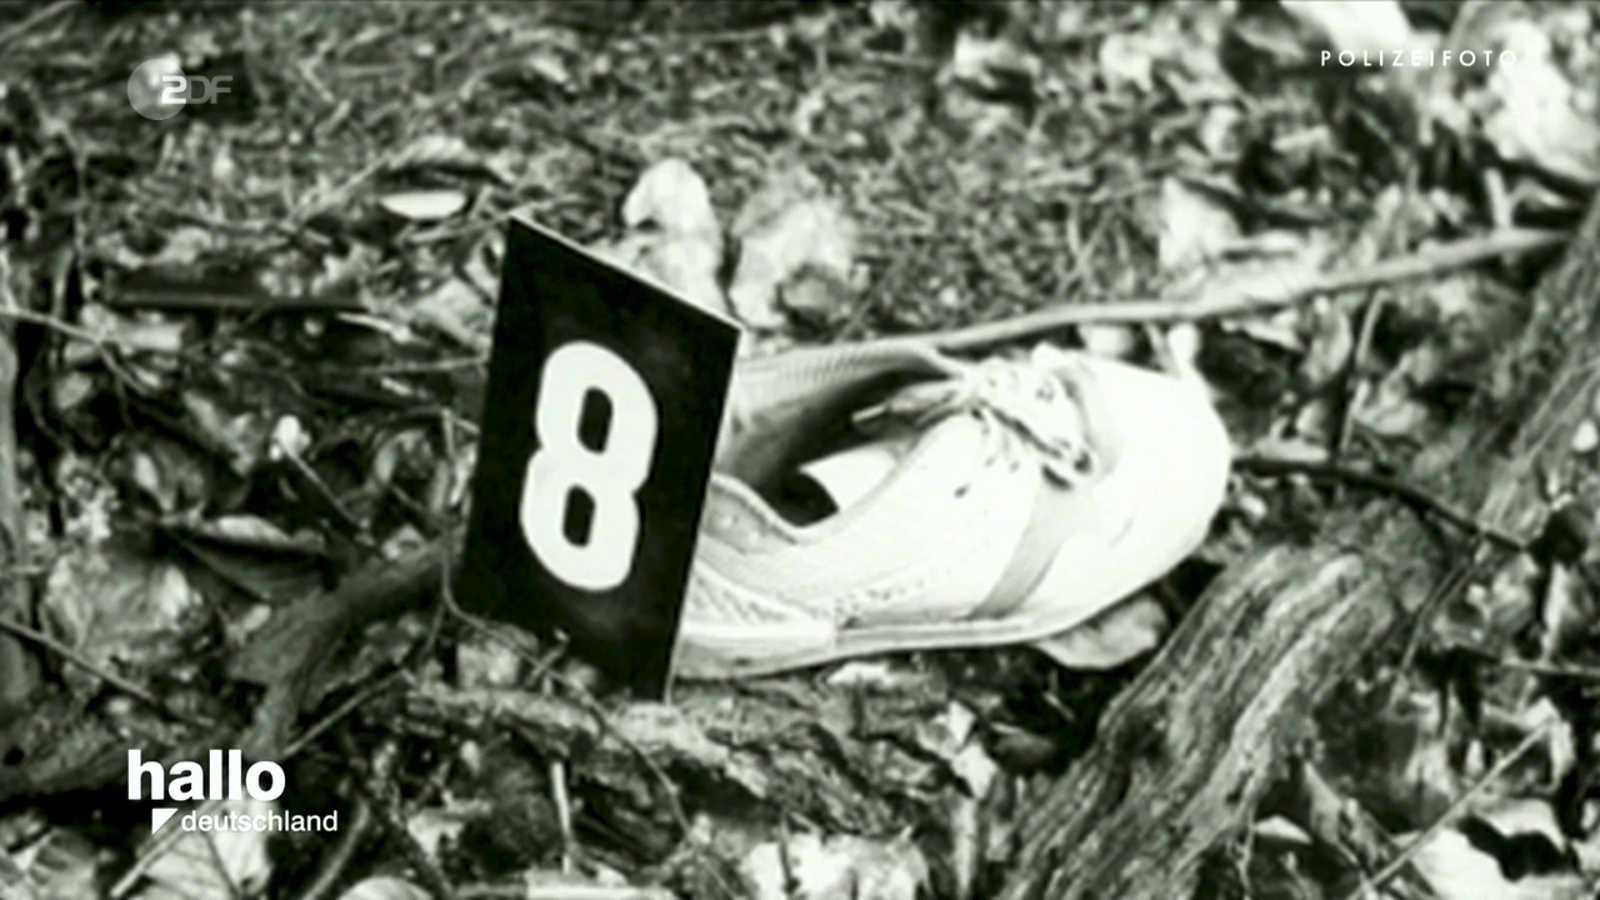 Ślady znalezione na miejscu zbrodni - 1